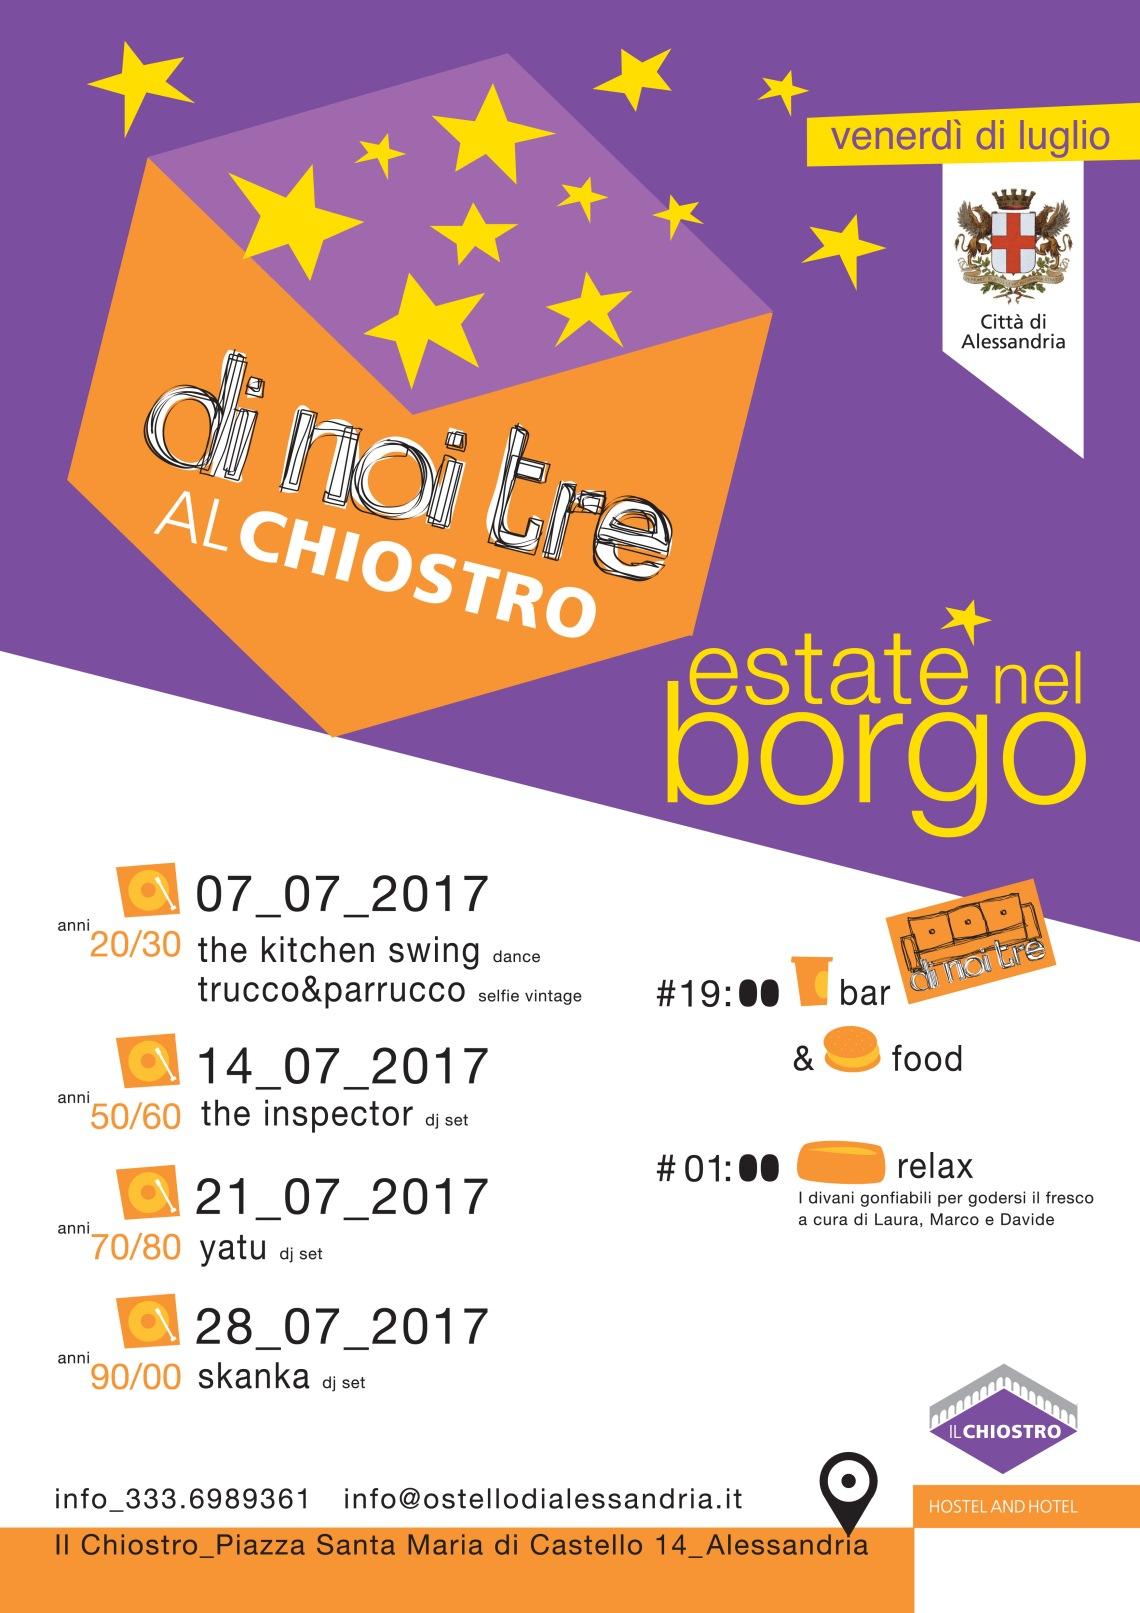 loc_dinoitre_chiostro